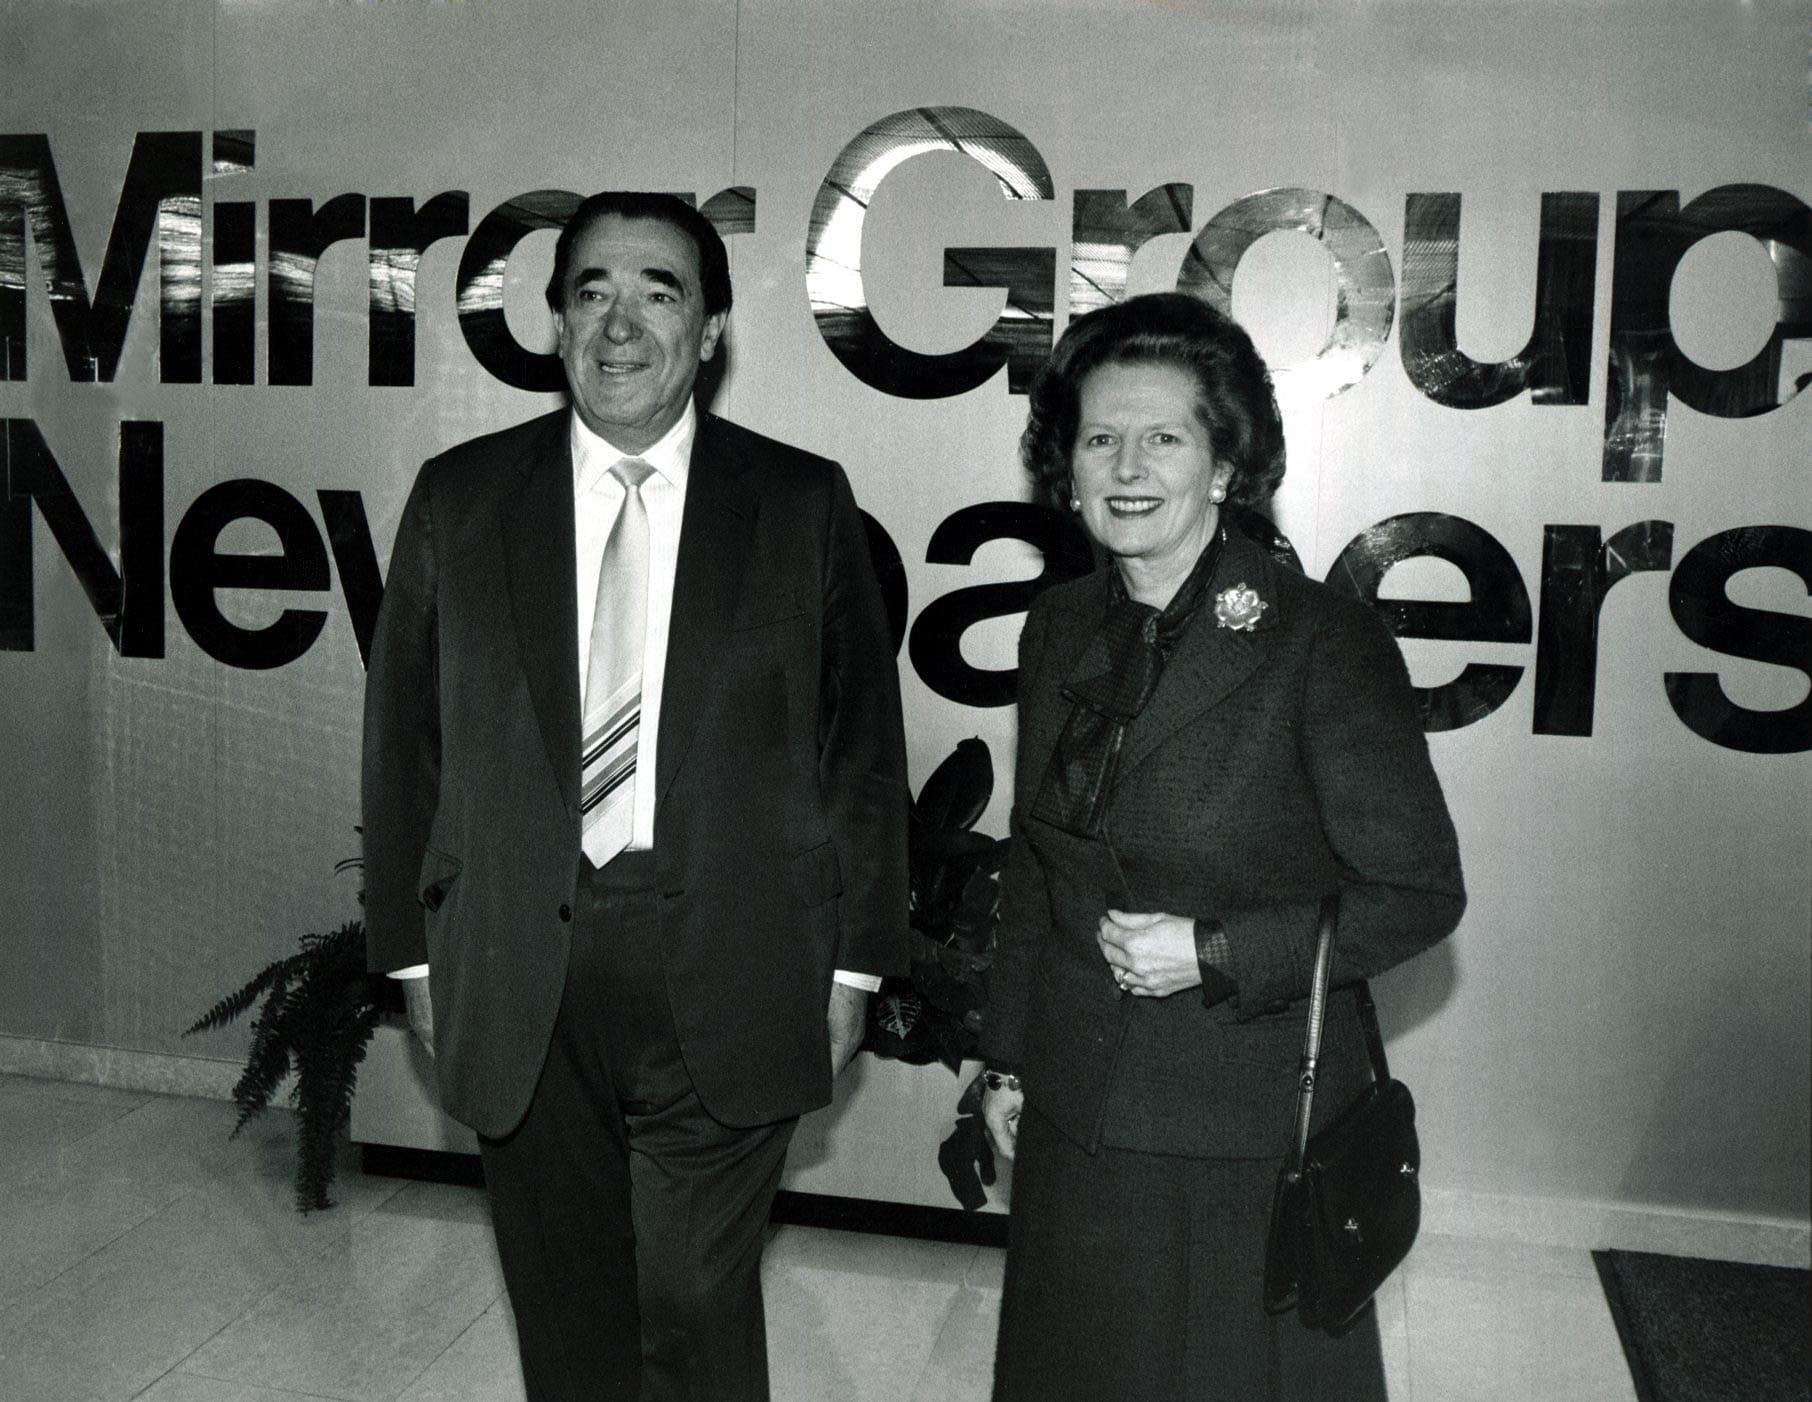 ראש ממשלת בריטניה מרגרת ת'אצר ורוברט מקסוול ב-1985 (צילום: Trinity Mirror / Mirrorpix / AlamyTrinity Mirror / Mirrorpix / Alamy)